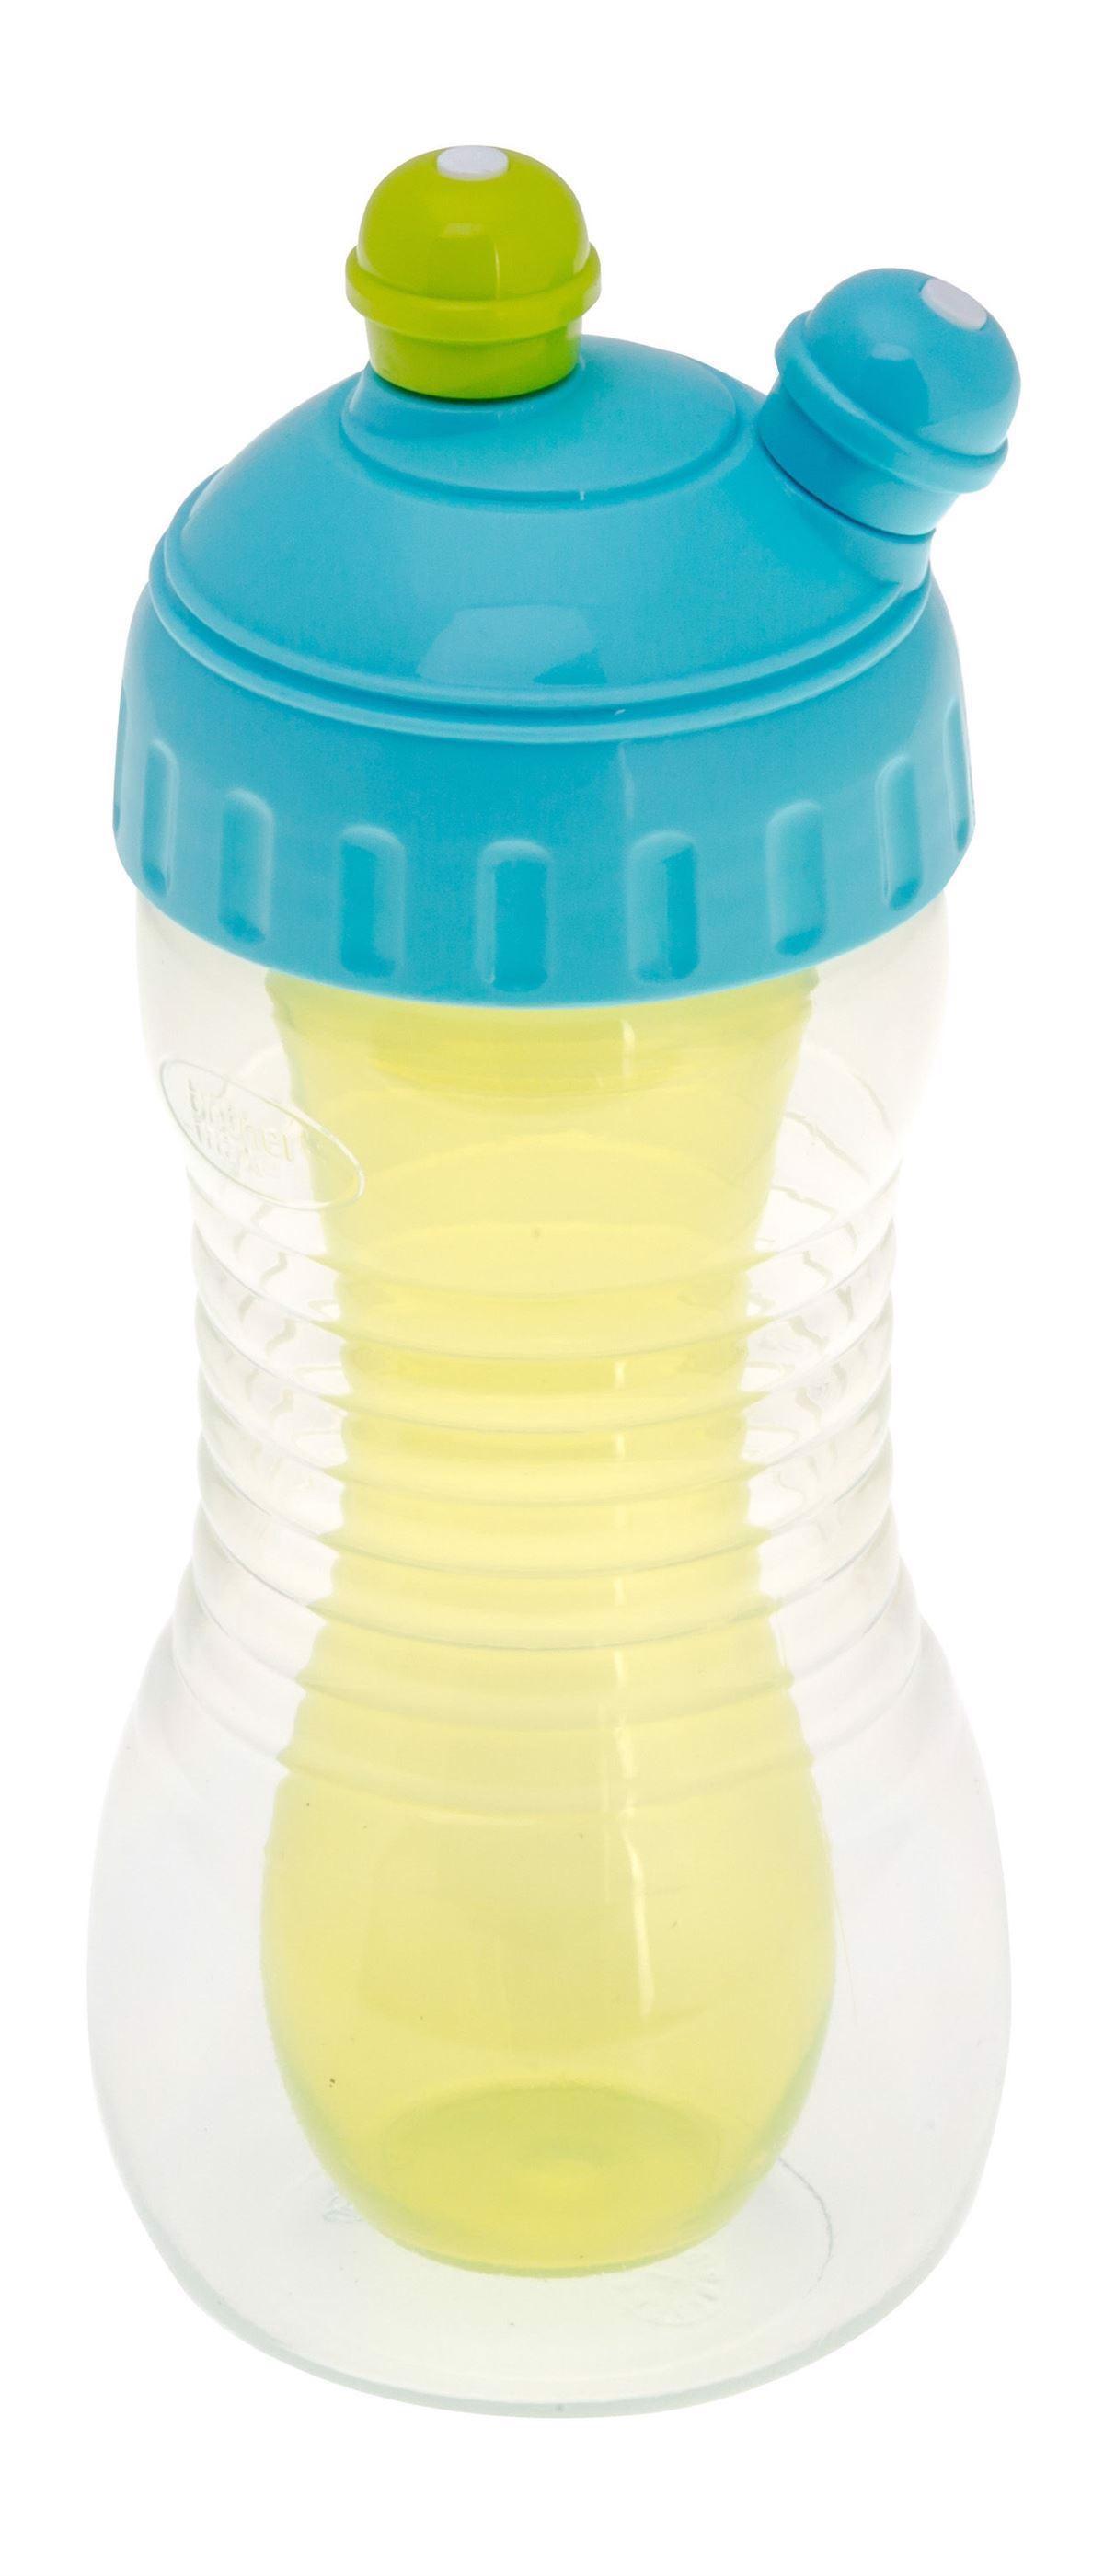 Image of   Drikkeflaske - Blå/Grøn - 2-i-1